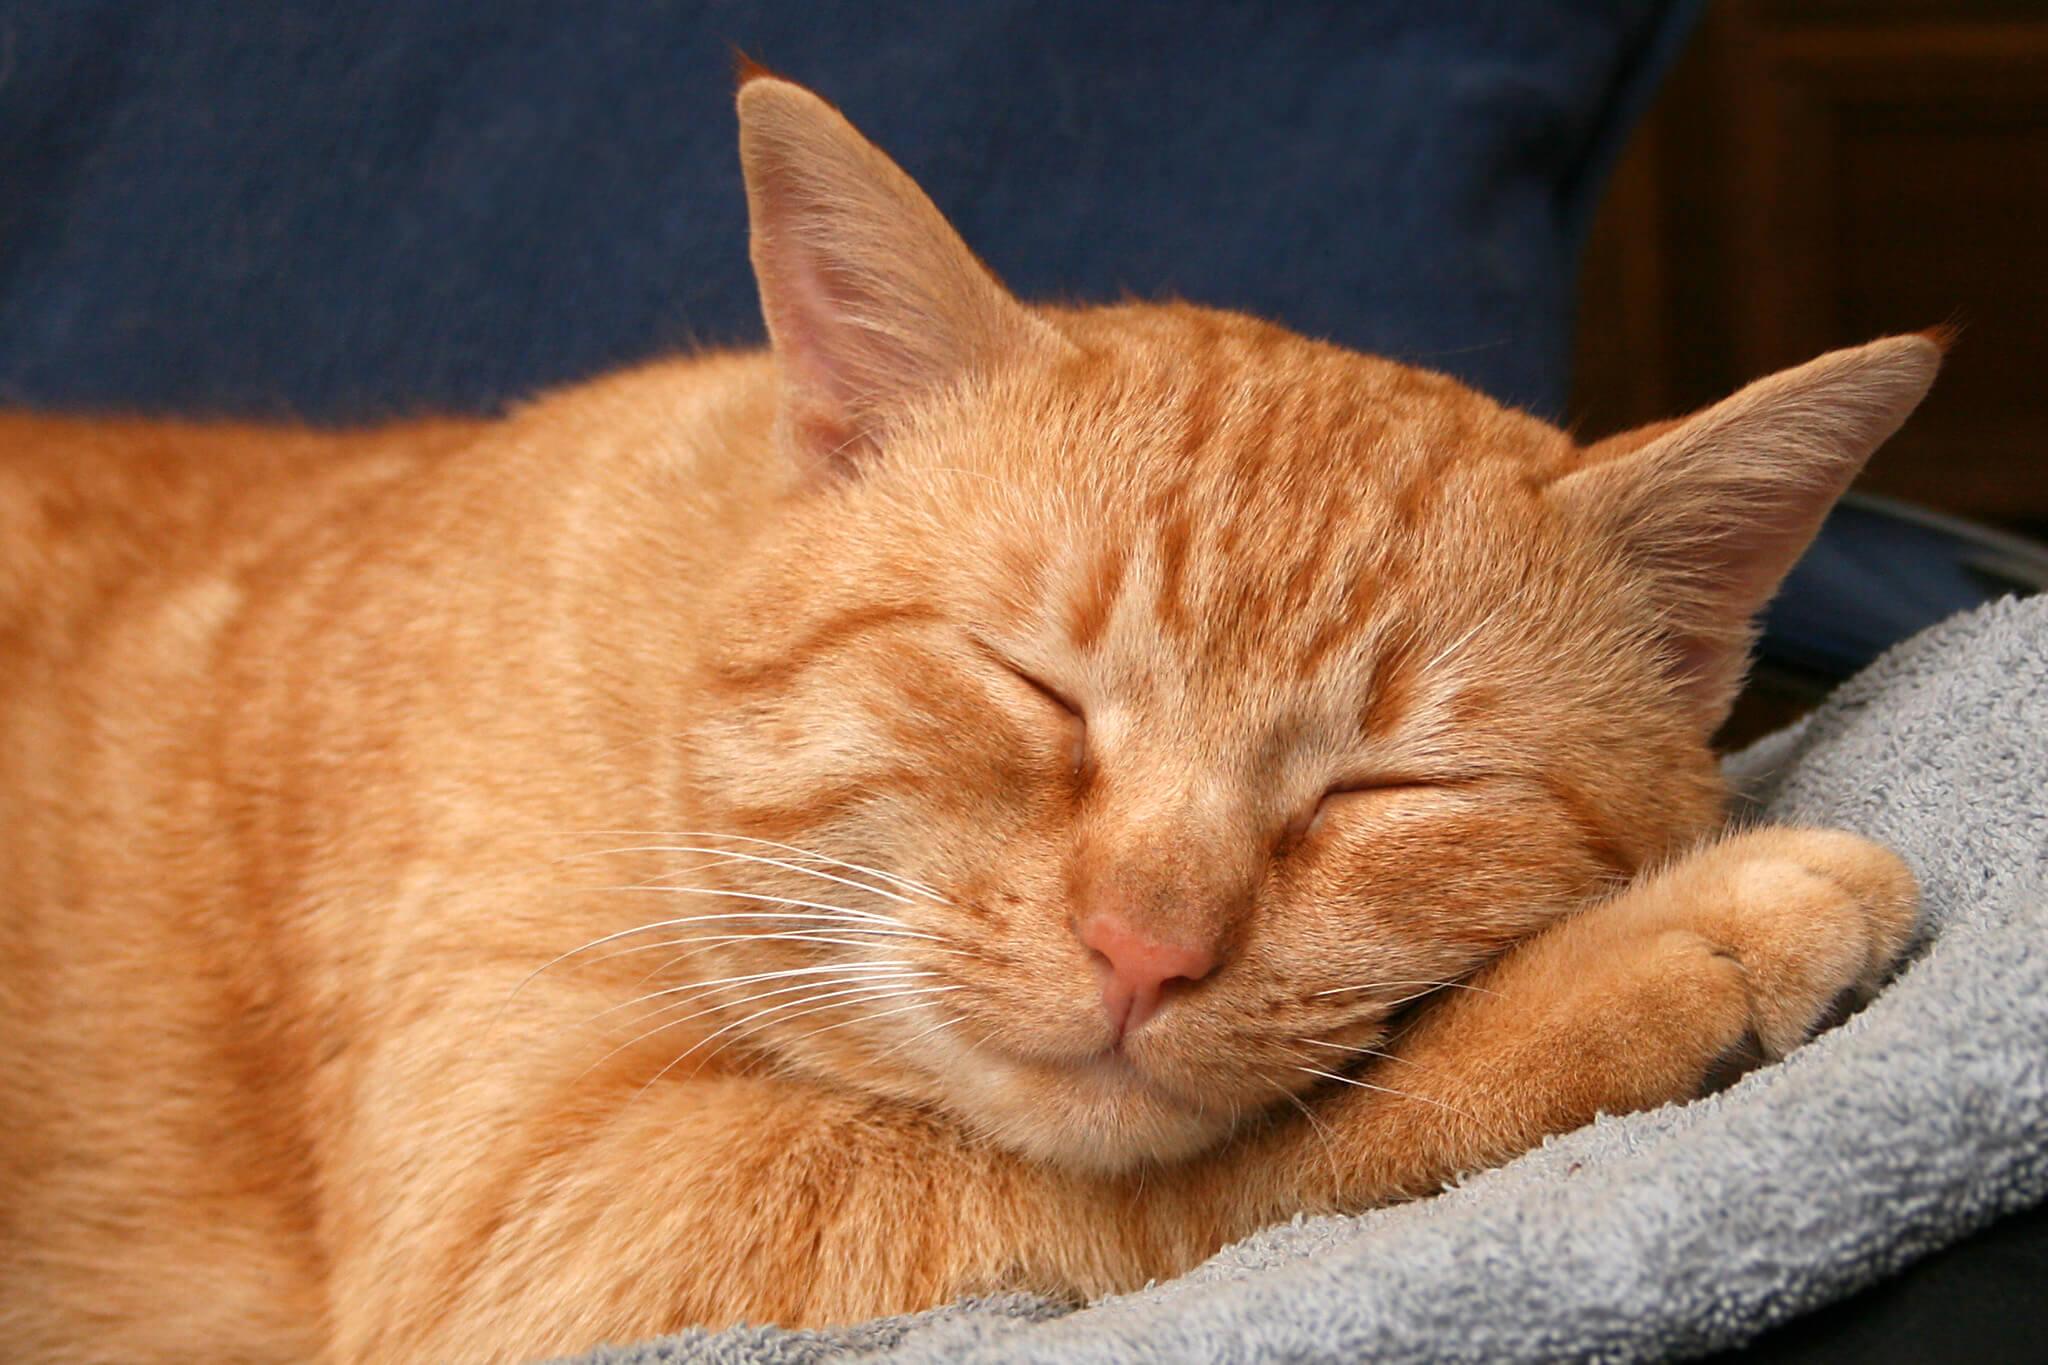 Cara Merawat Kucing Kampung Kecil: Pastikan Tempat Tidur Kucing Senantiasa Nyaman